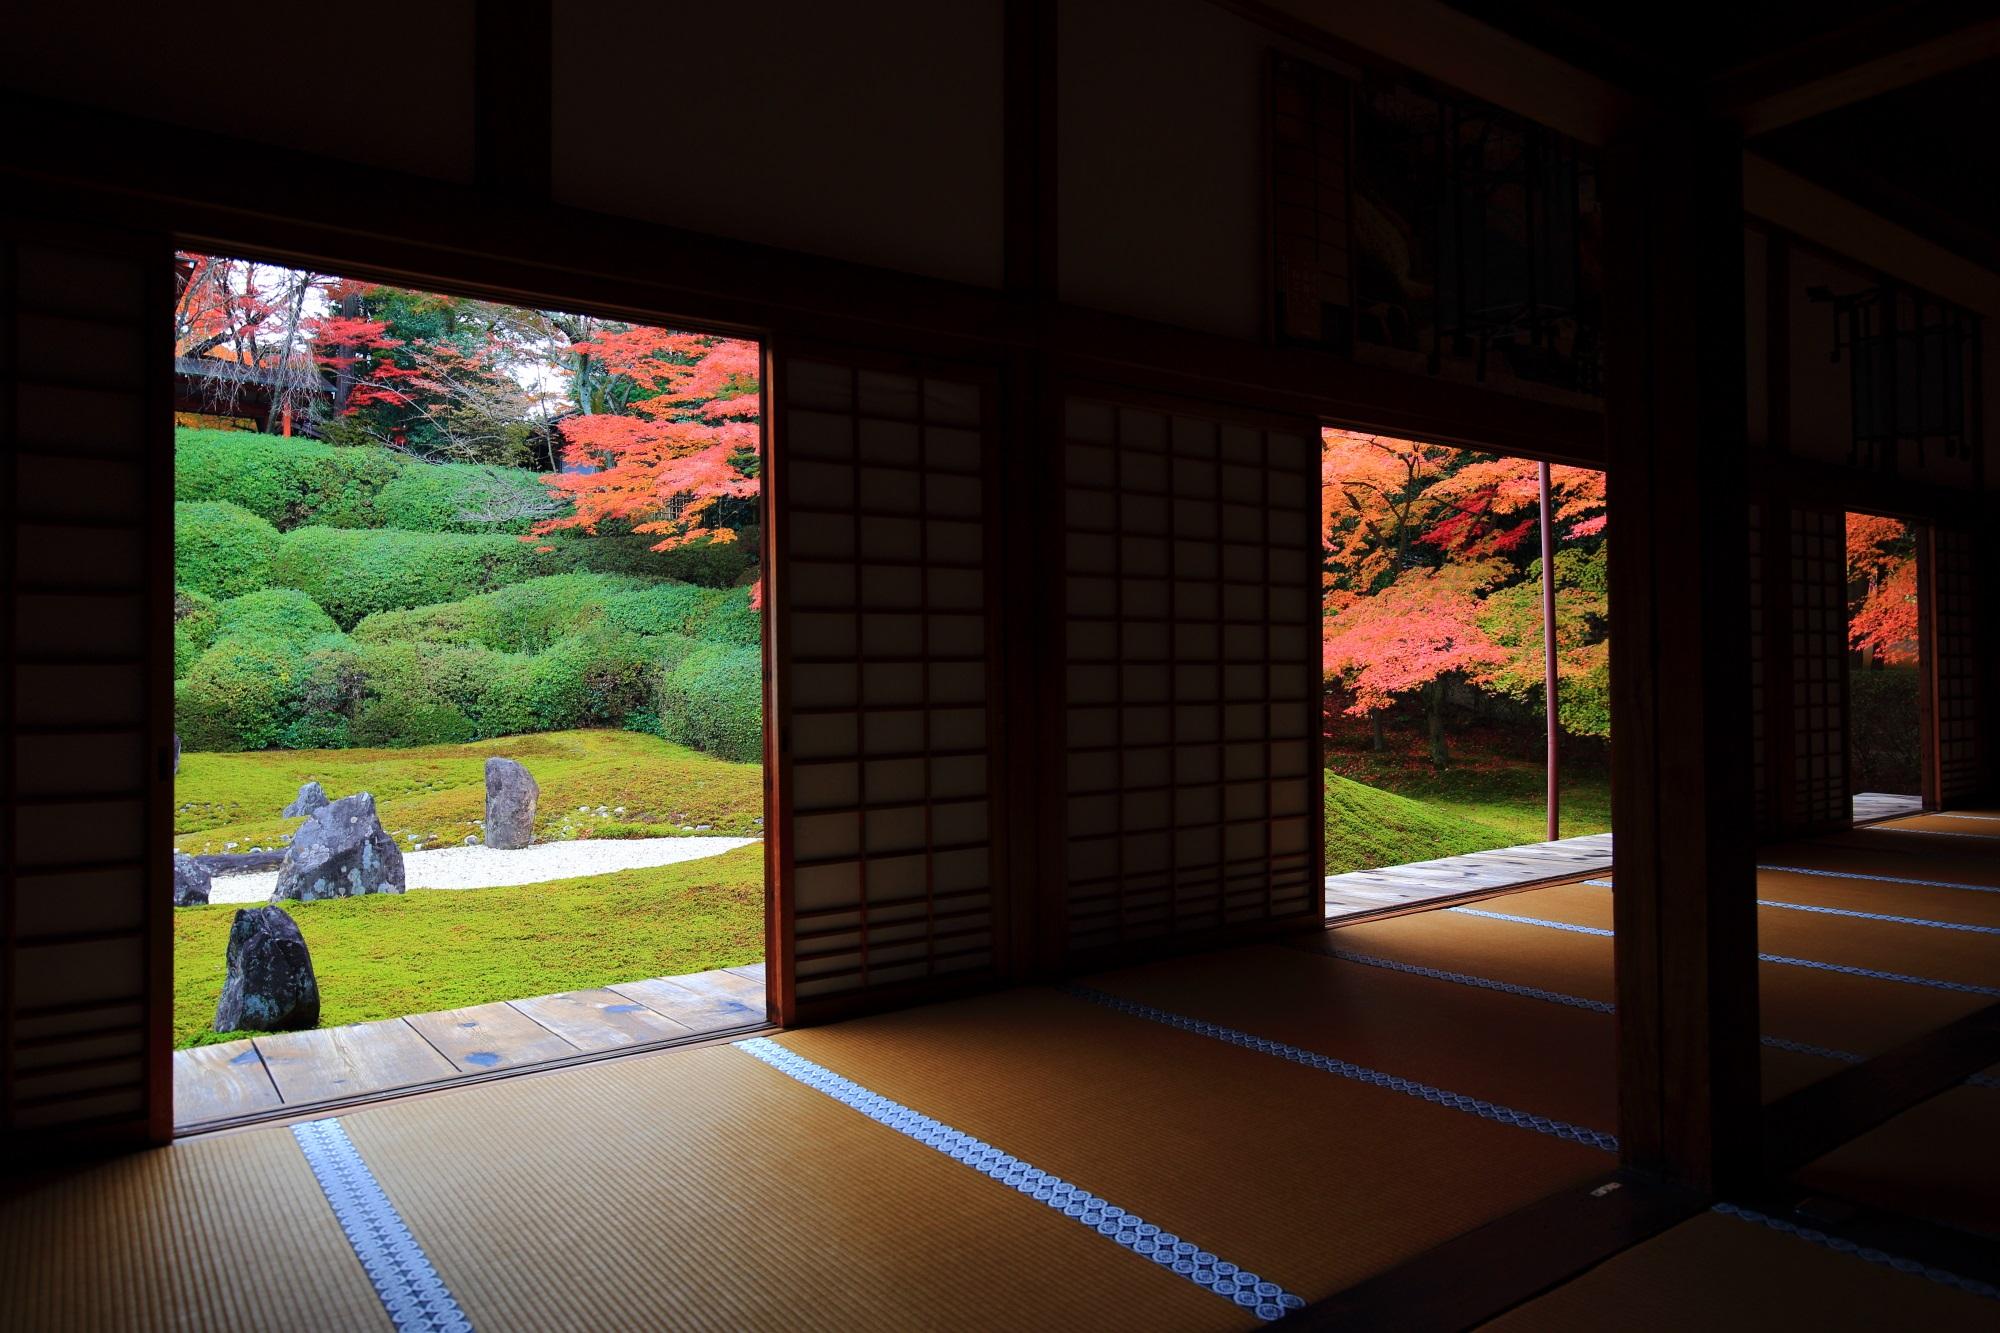 本堂(方丈)から眺めた波心庭と紅葉